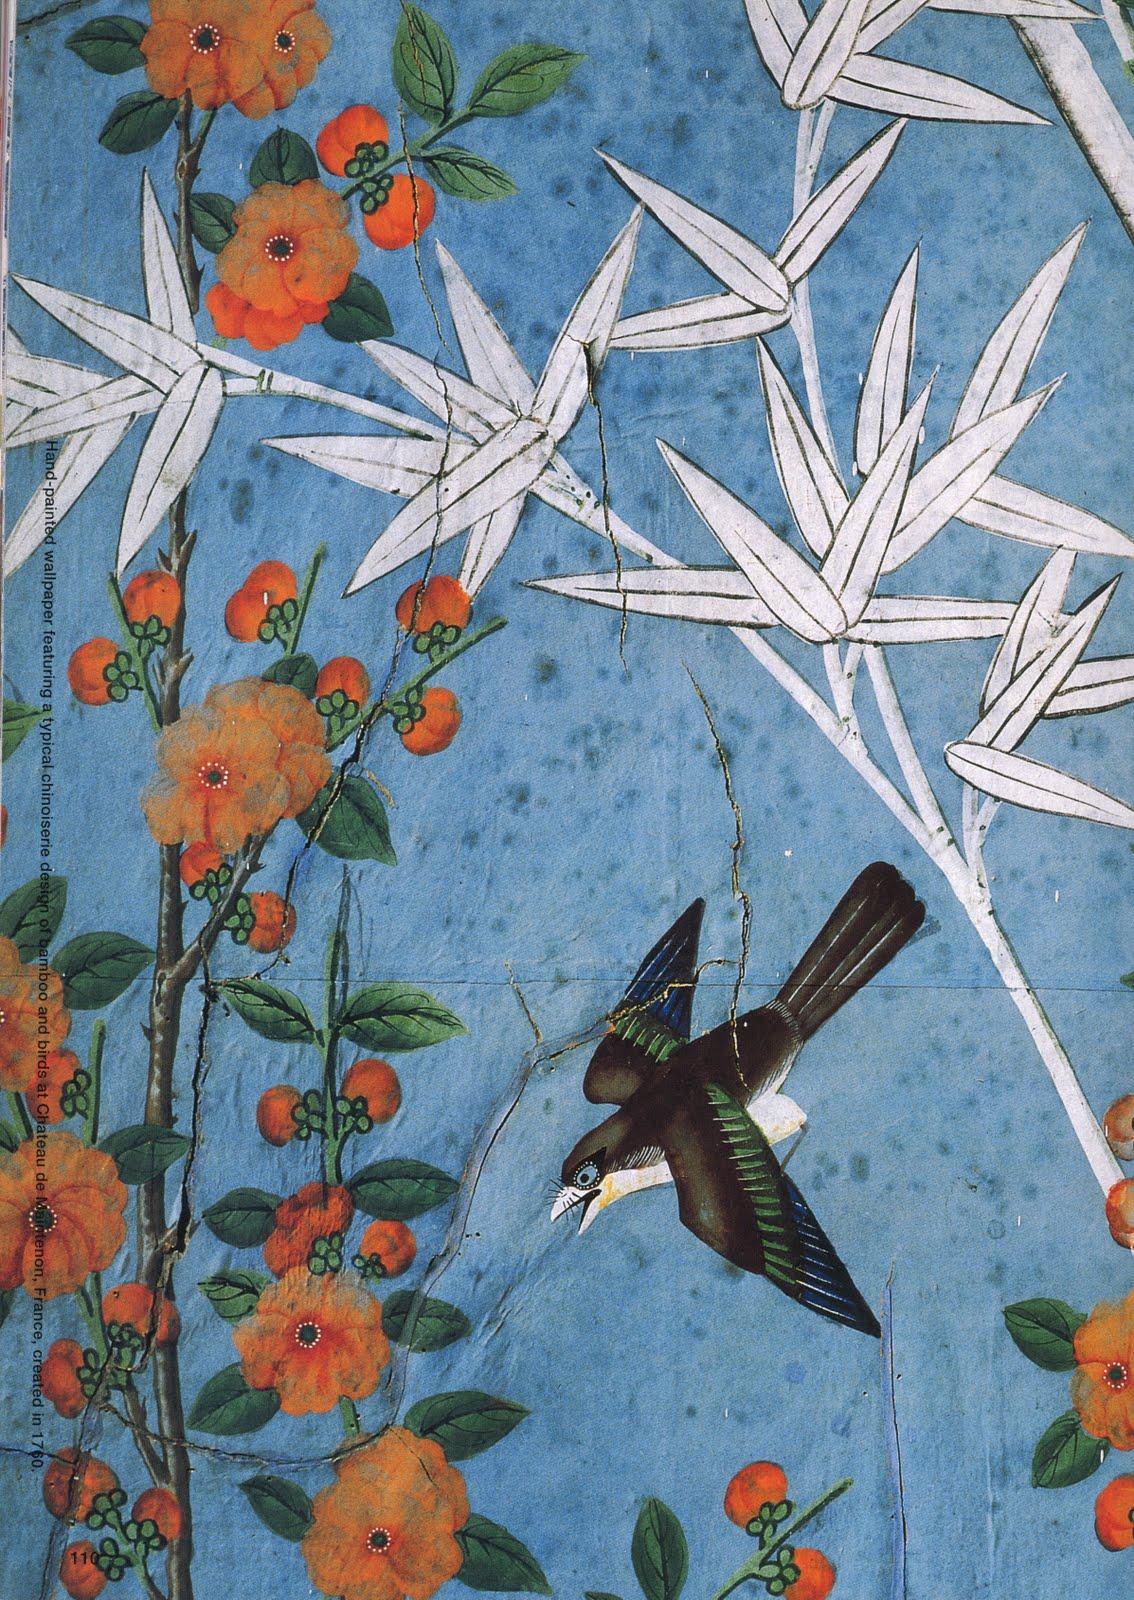 http://3.bp.blogspot.com/_E8HWCEb7TqI/TDUz7ln9hWI/AAAAAAAAAPw/WXlPfvM0D3w/s1600/Tricia+G.+bird+on+blue.JPG